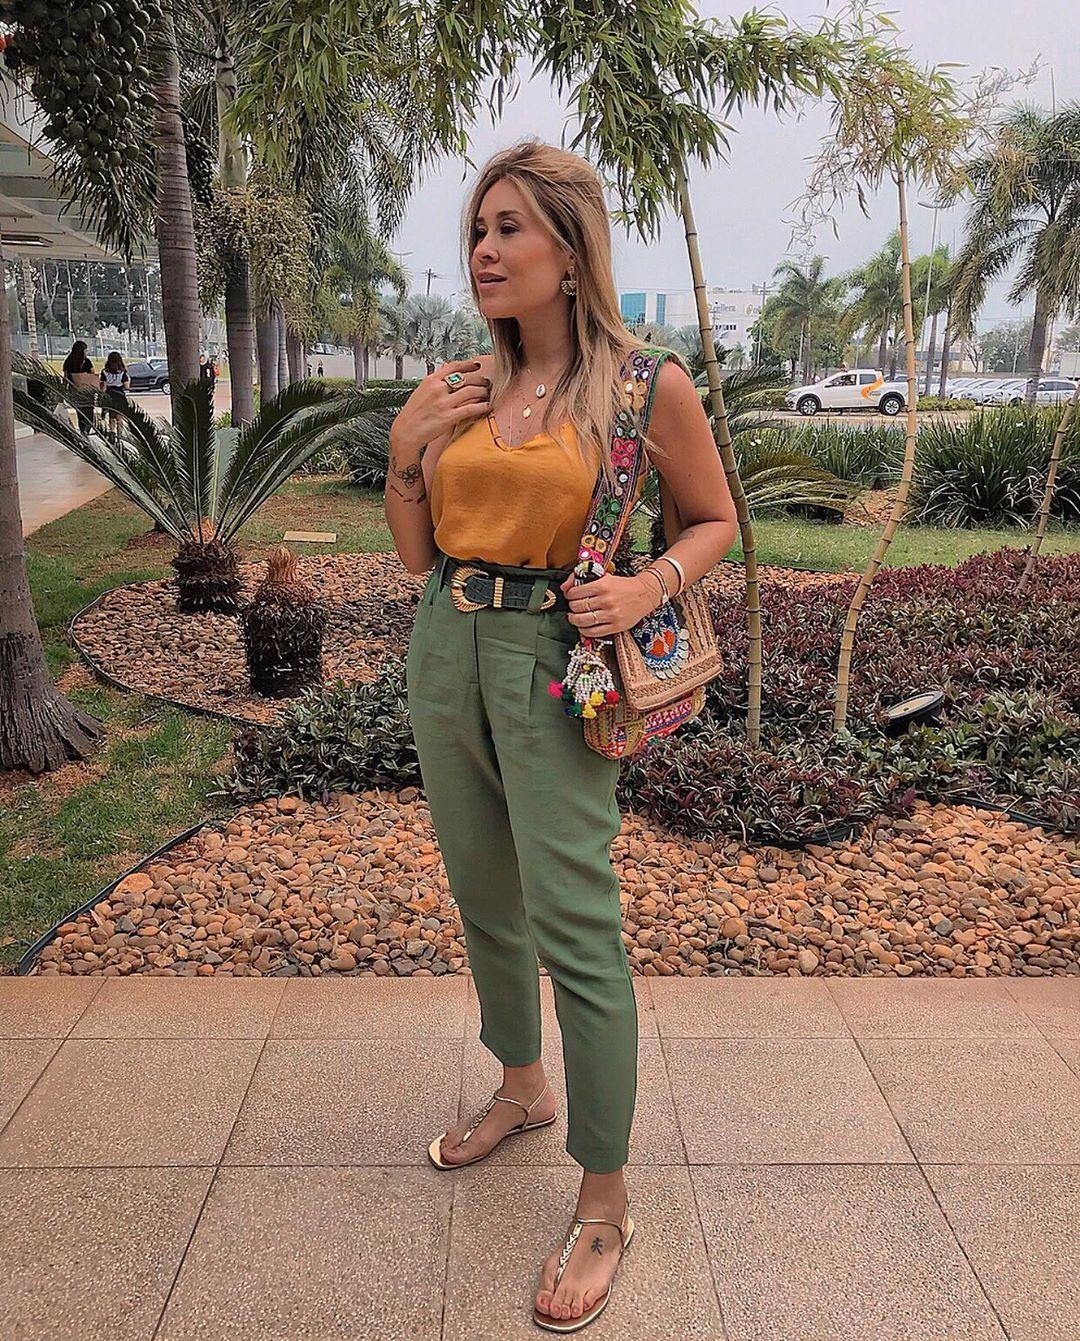 """Photo of Fernanda Pontelo on Instagram: """"E não é que consegui uma fotinho no 🍃🌱💐 . . #ootd #look #stylish #outfit #streetstyle #fashion #outfitoftheday"""""""